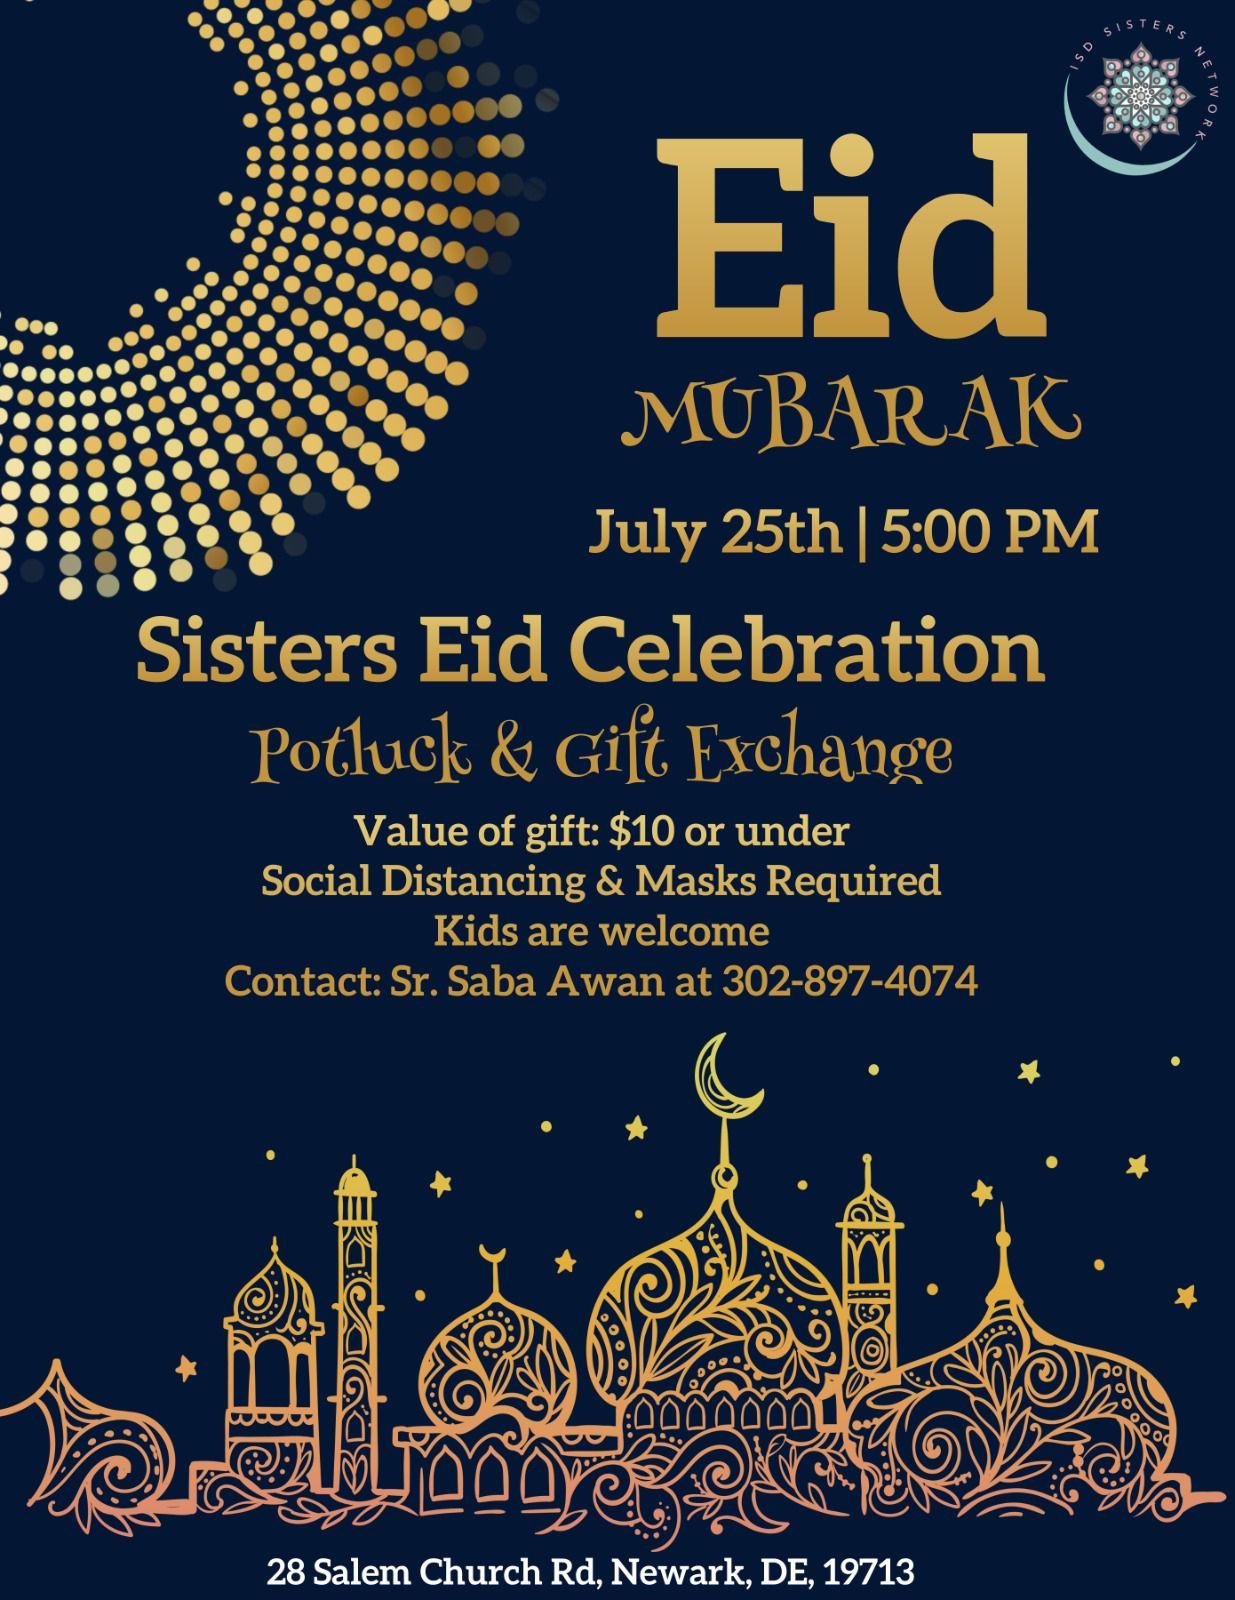 Sisters Eid Celebration